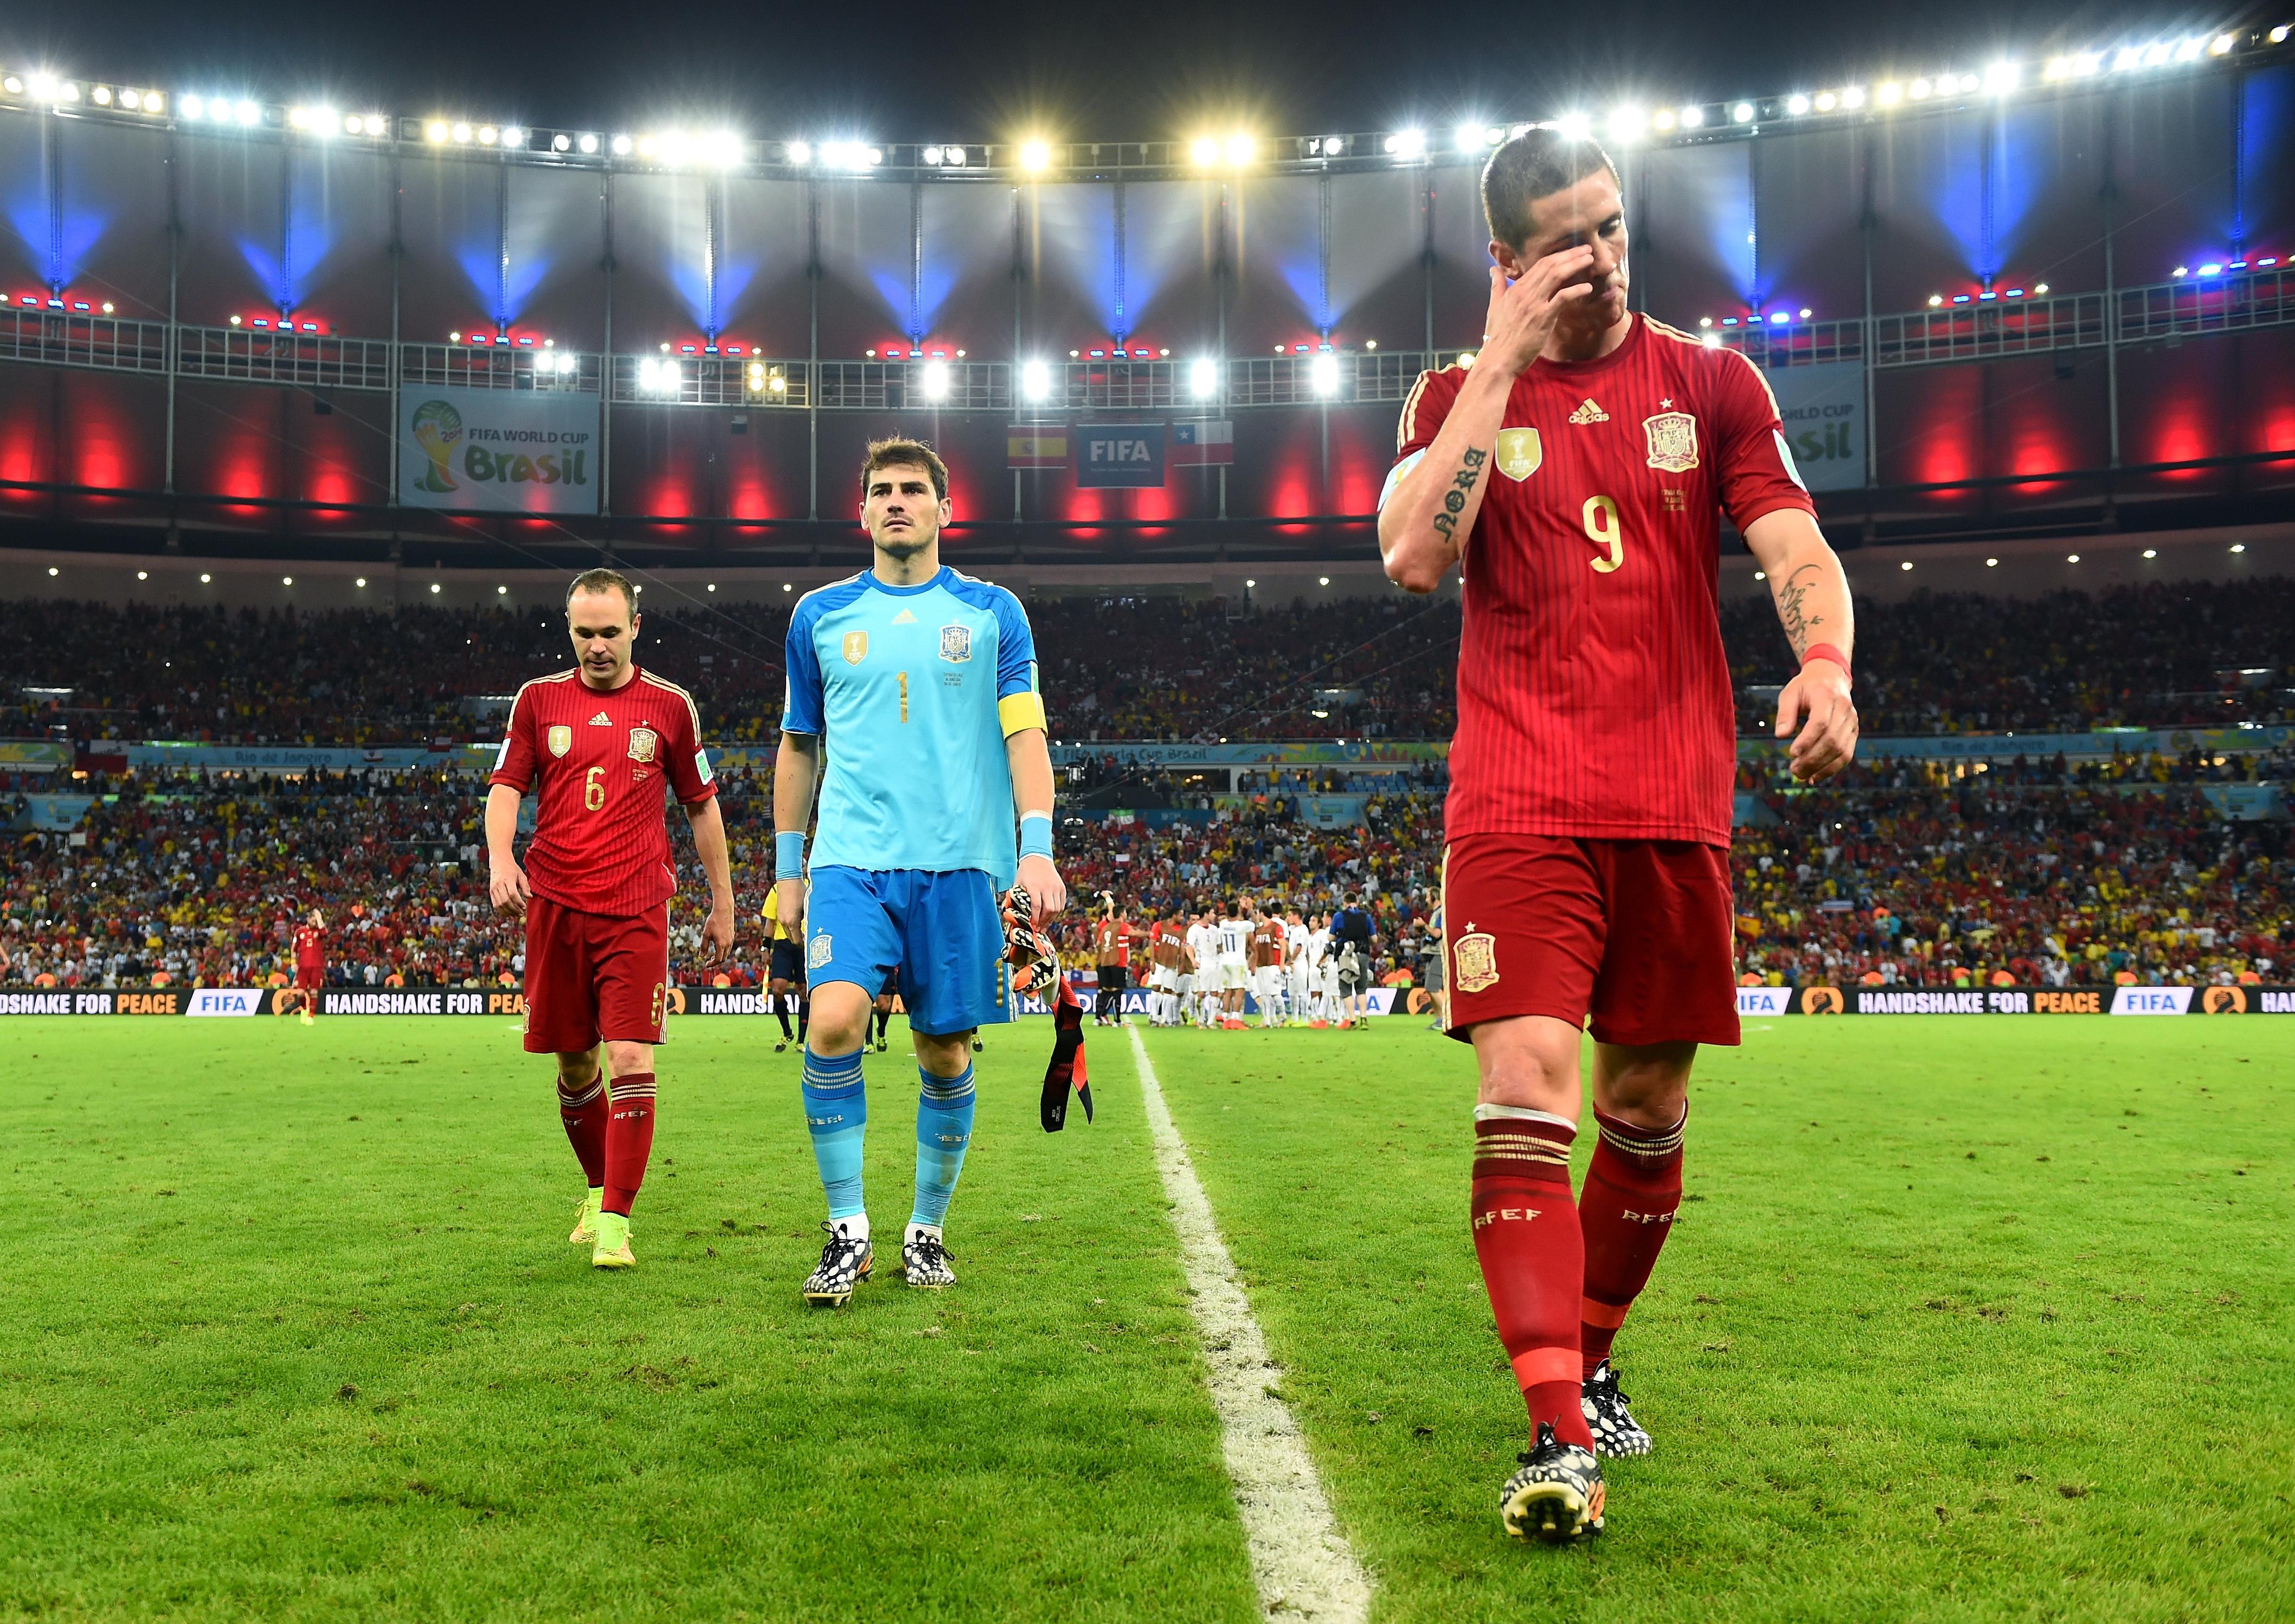 Campionatul Mondial de Fotbal 2014. Carlos Queiroz va parasi functia de selectioner al Iranului la finalul Cupei